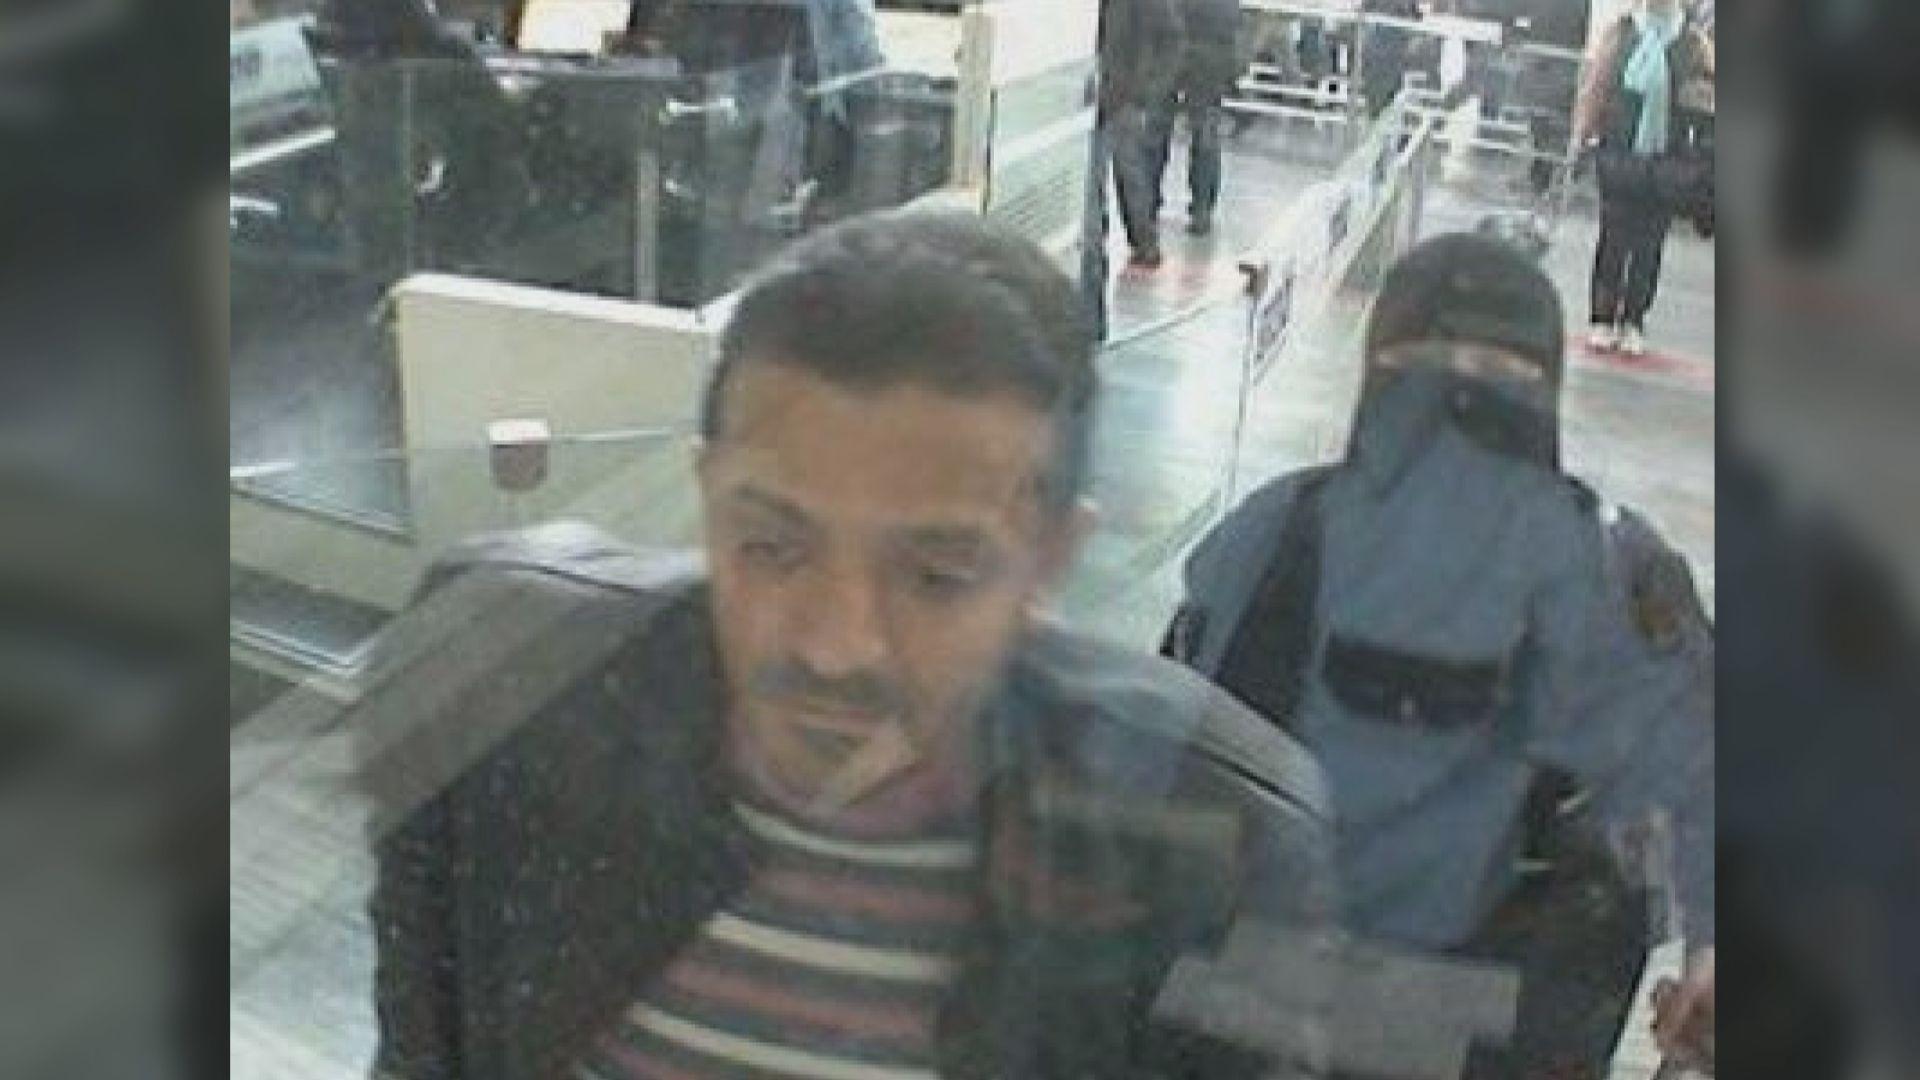 記者卡舒吉失蹤 15名沙特人員身分曝光